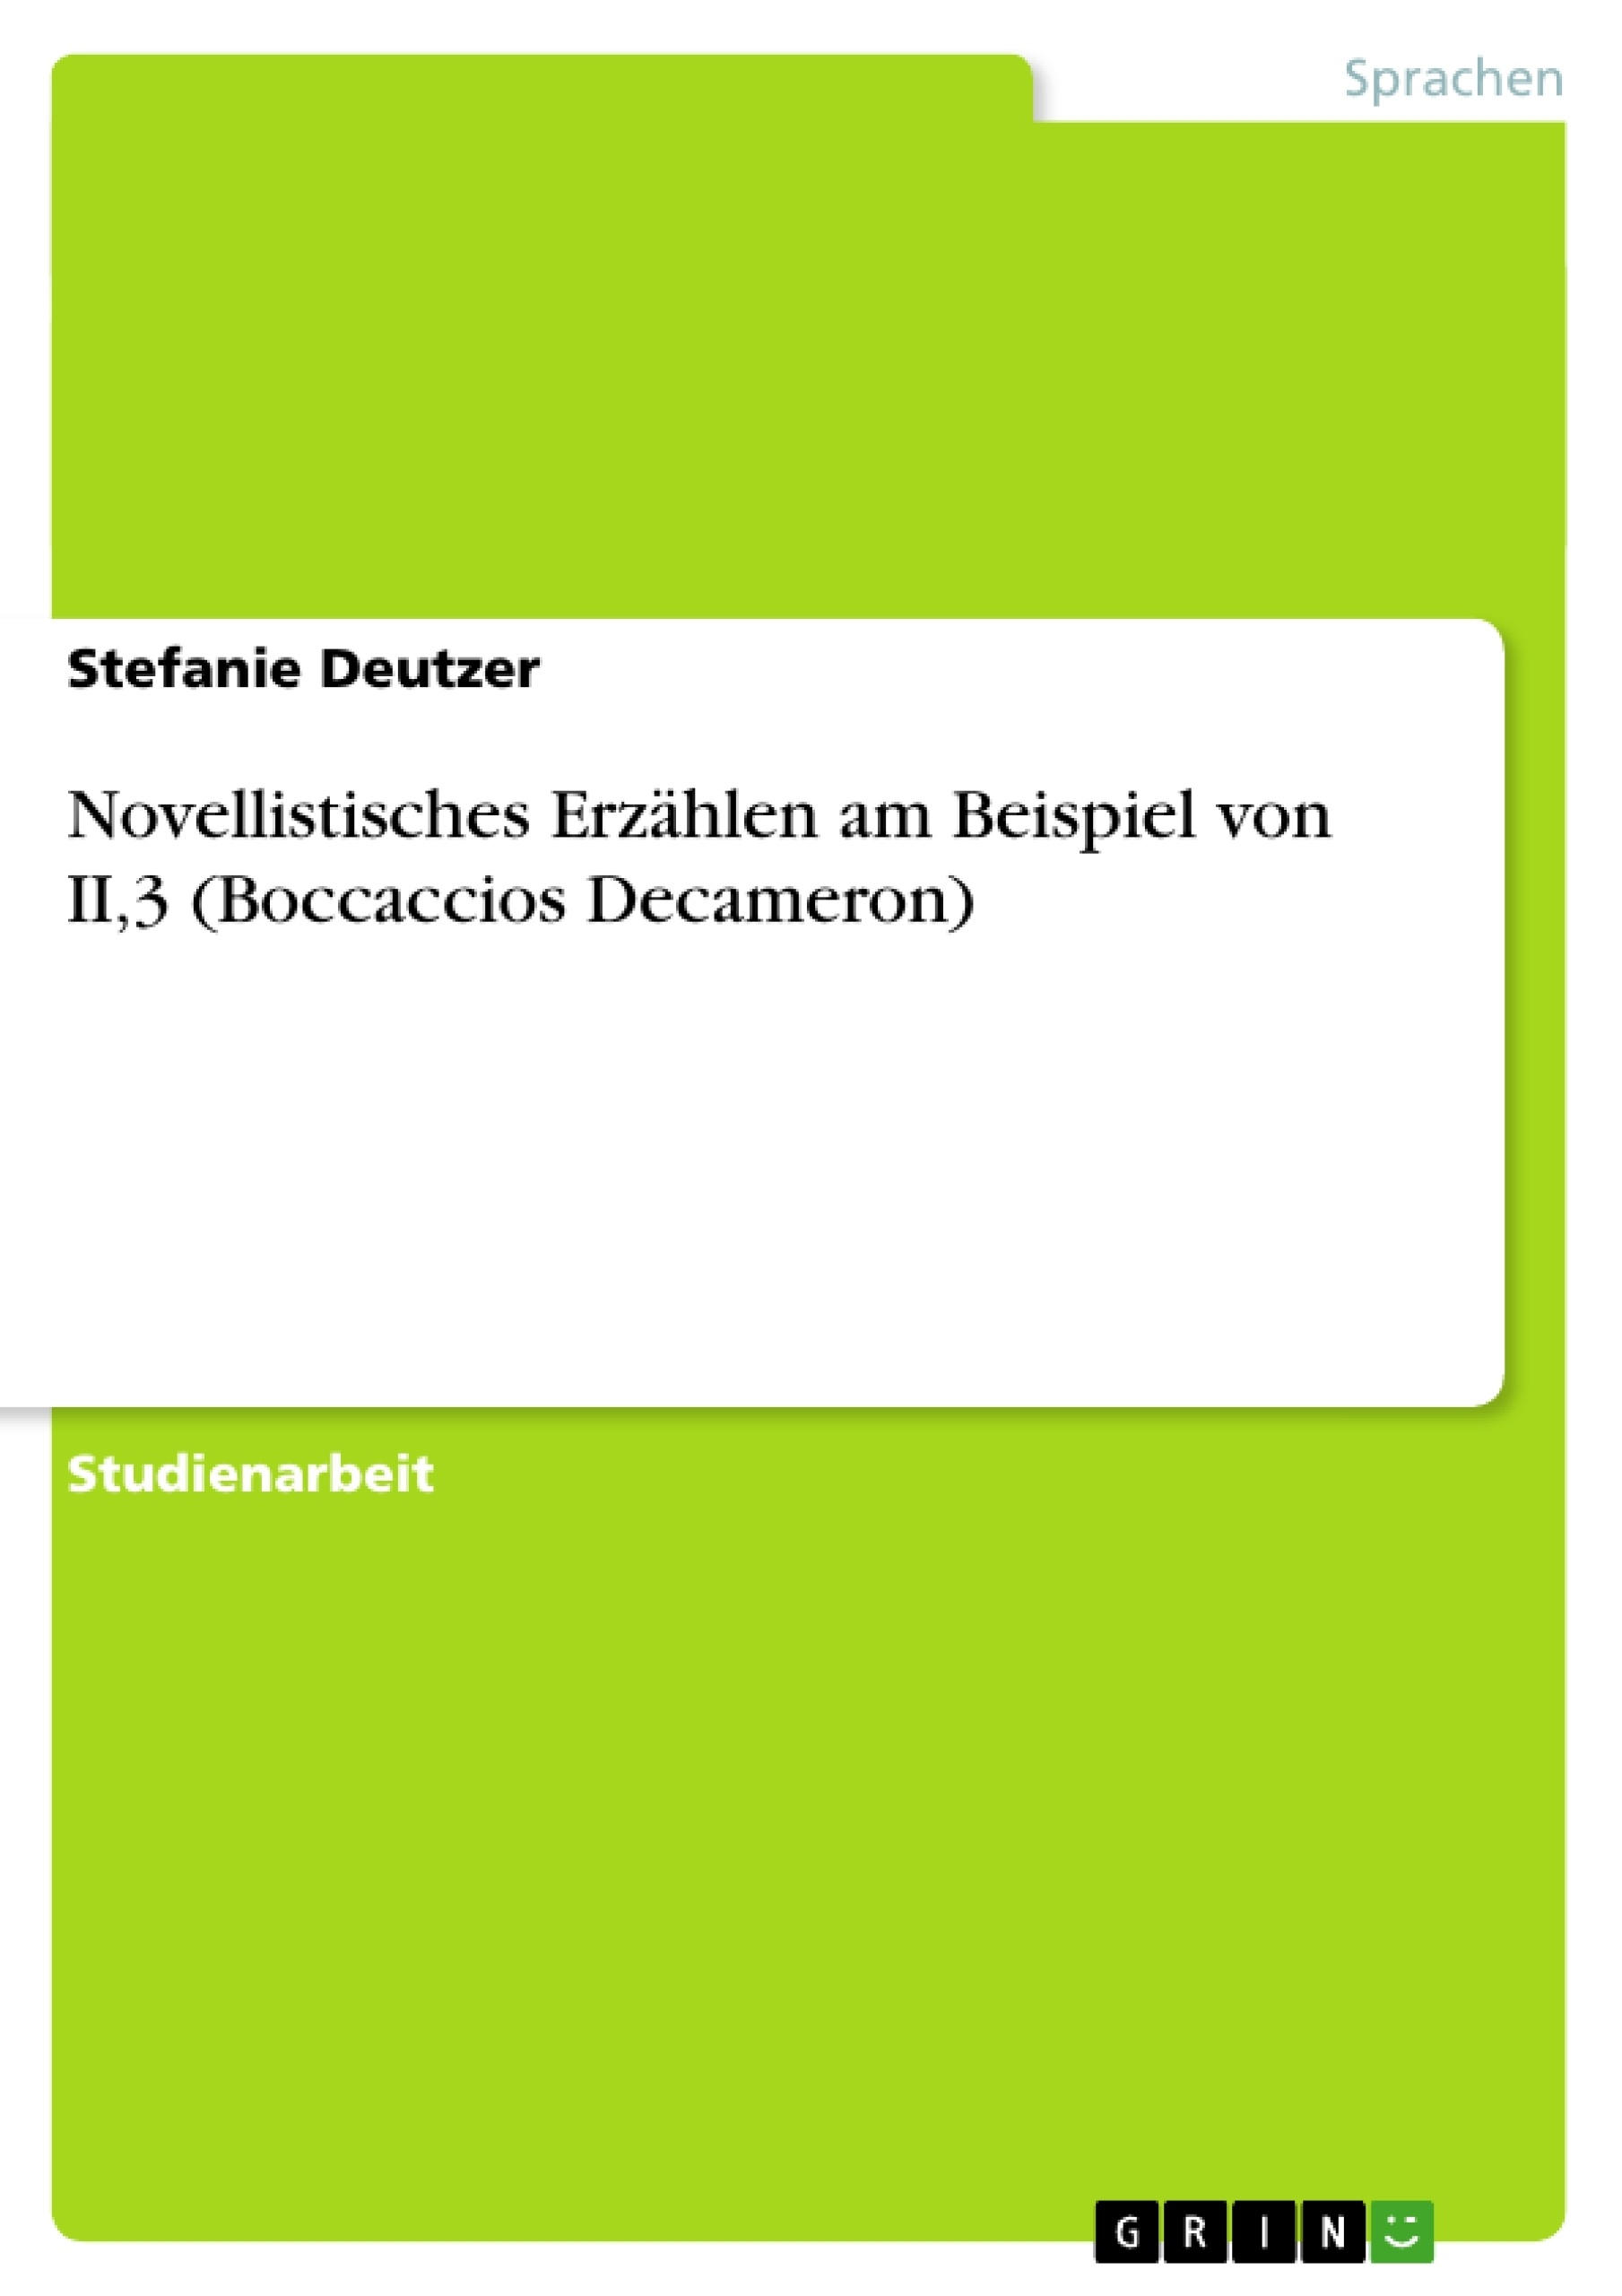 Titel: Novellistisches Erzählen am Beispiel von II,3 (Boccaccios Decameron)